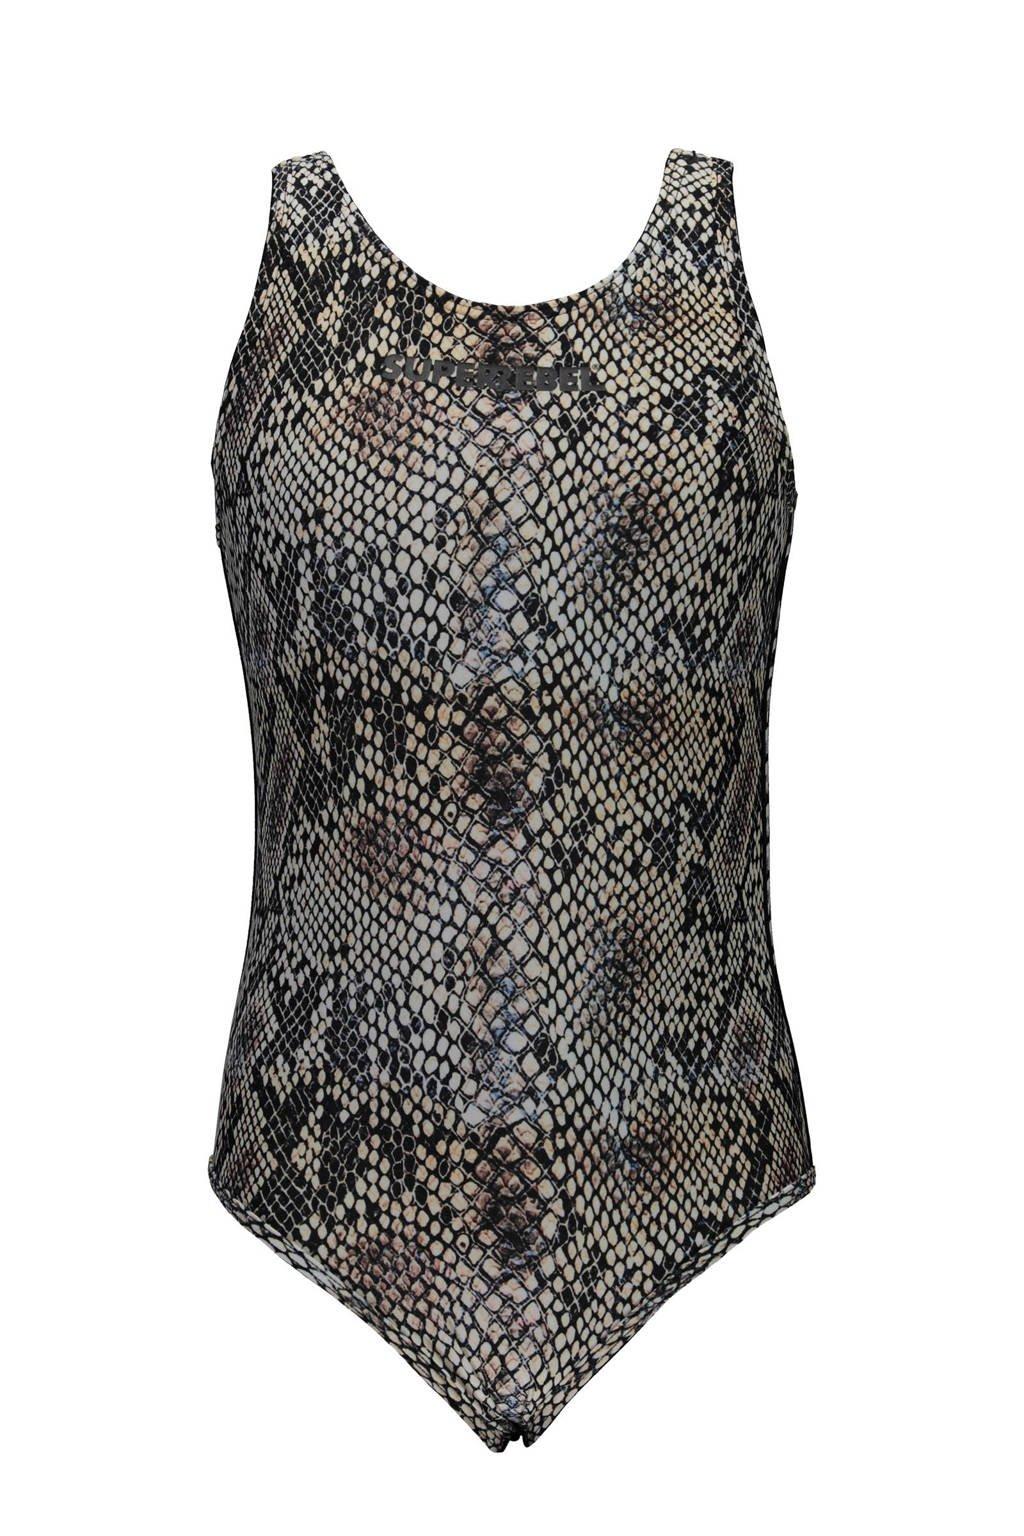 SuperRebel badpak slangenprint, Antraciet